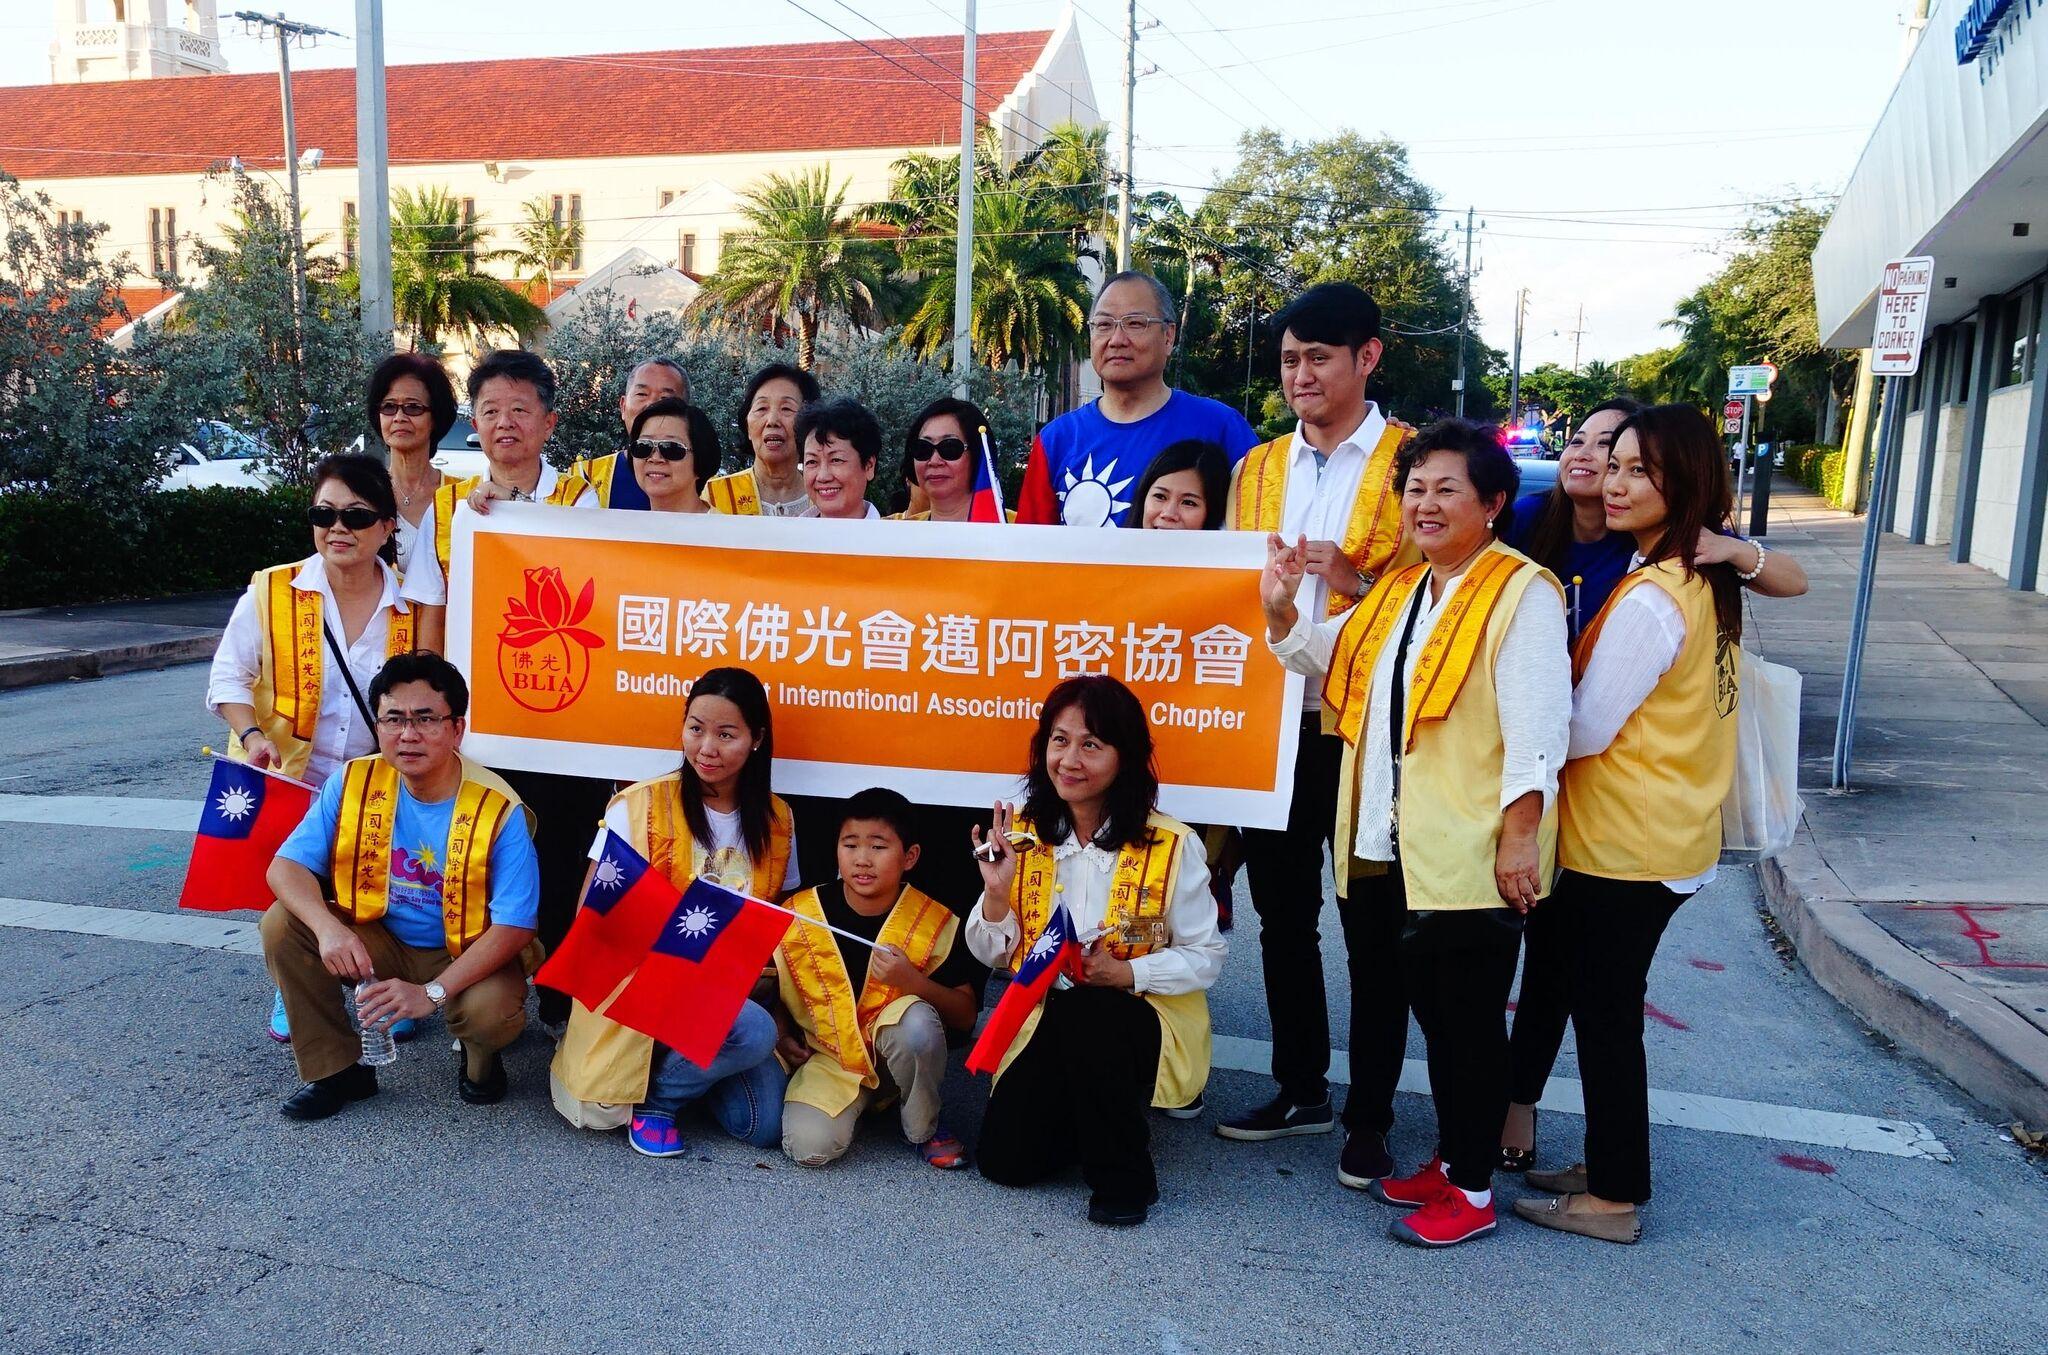 駐經文處處長王贊禹(右六)與部分國際佛光會邁阿密協會參加橘子杯遊行人員合影。(孫博先提供)